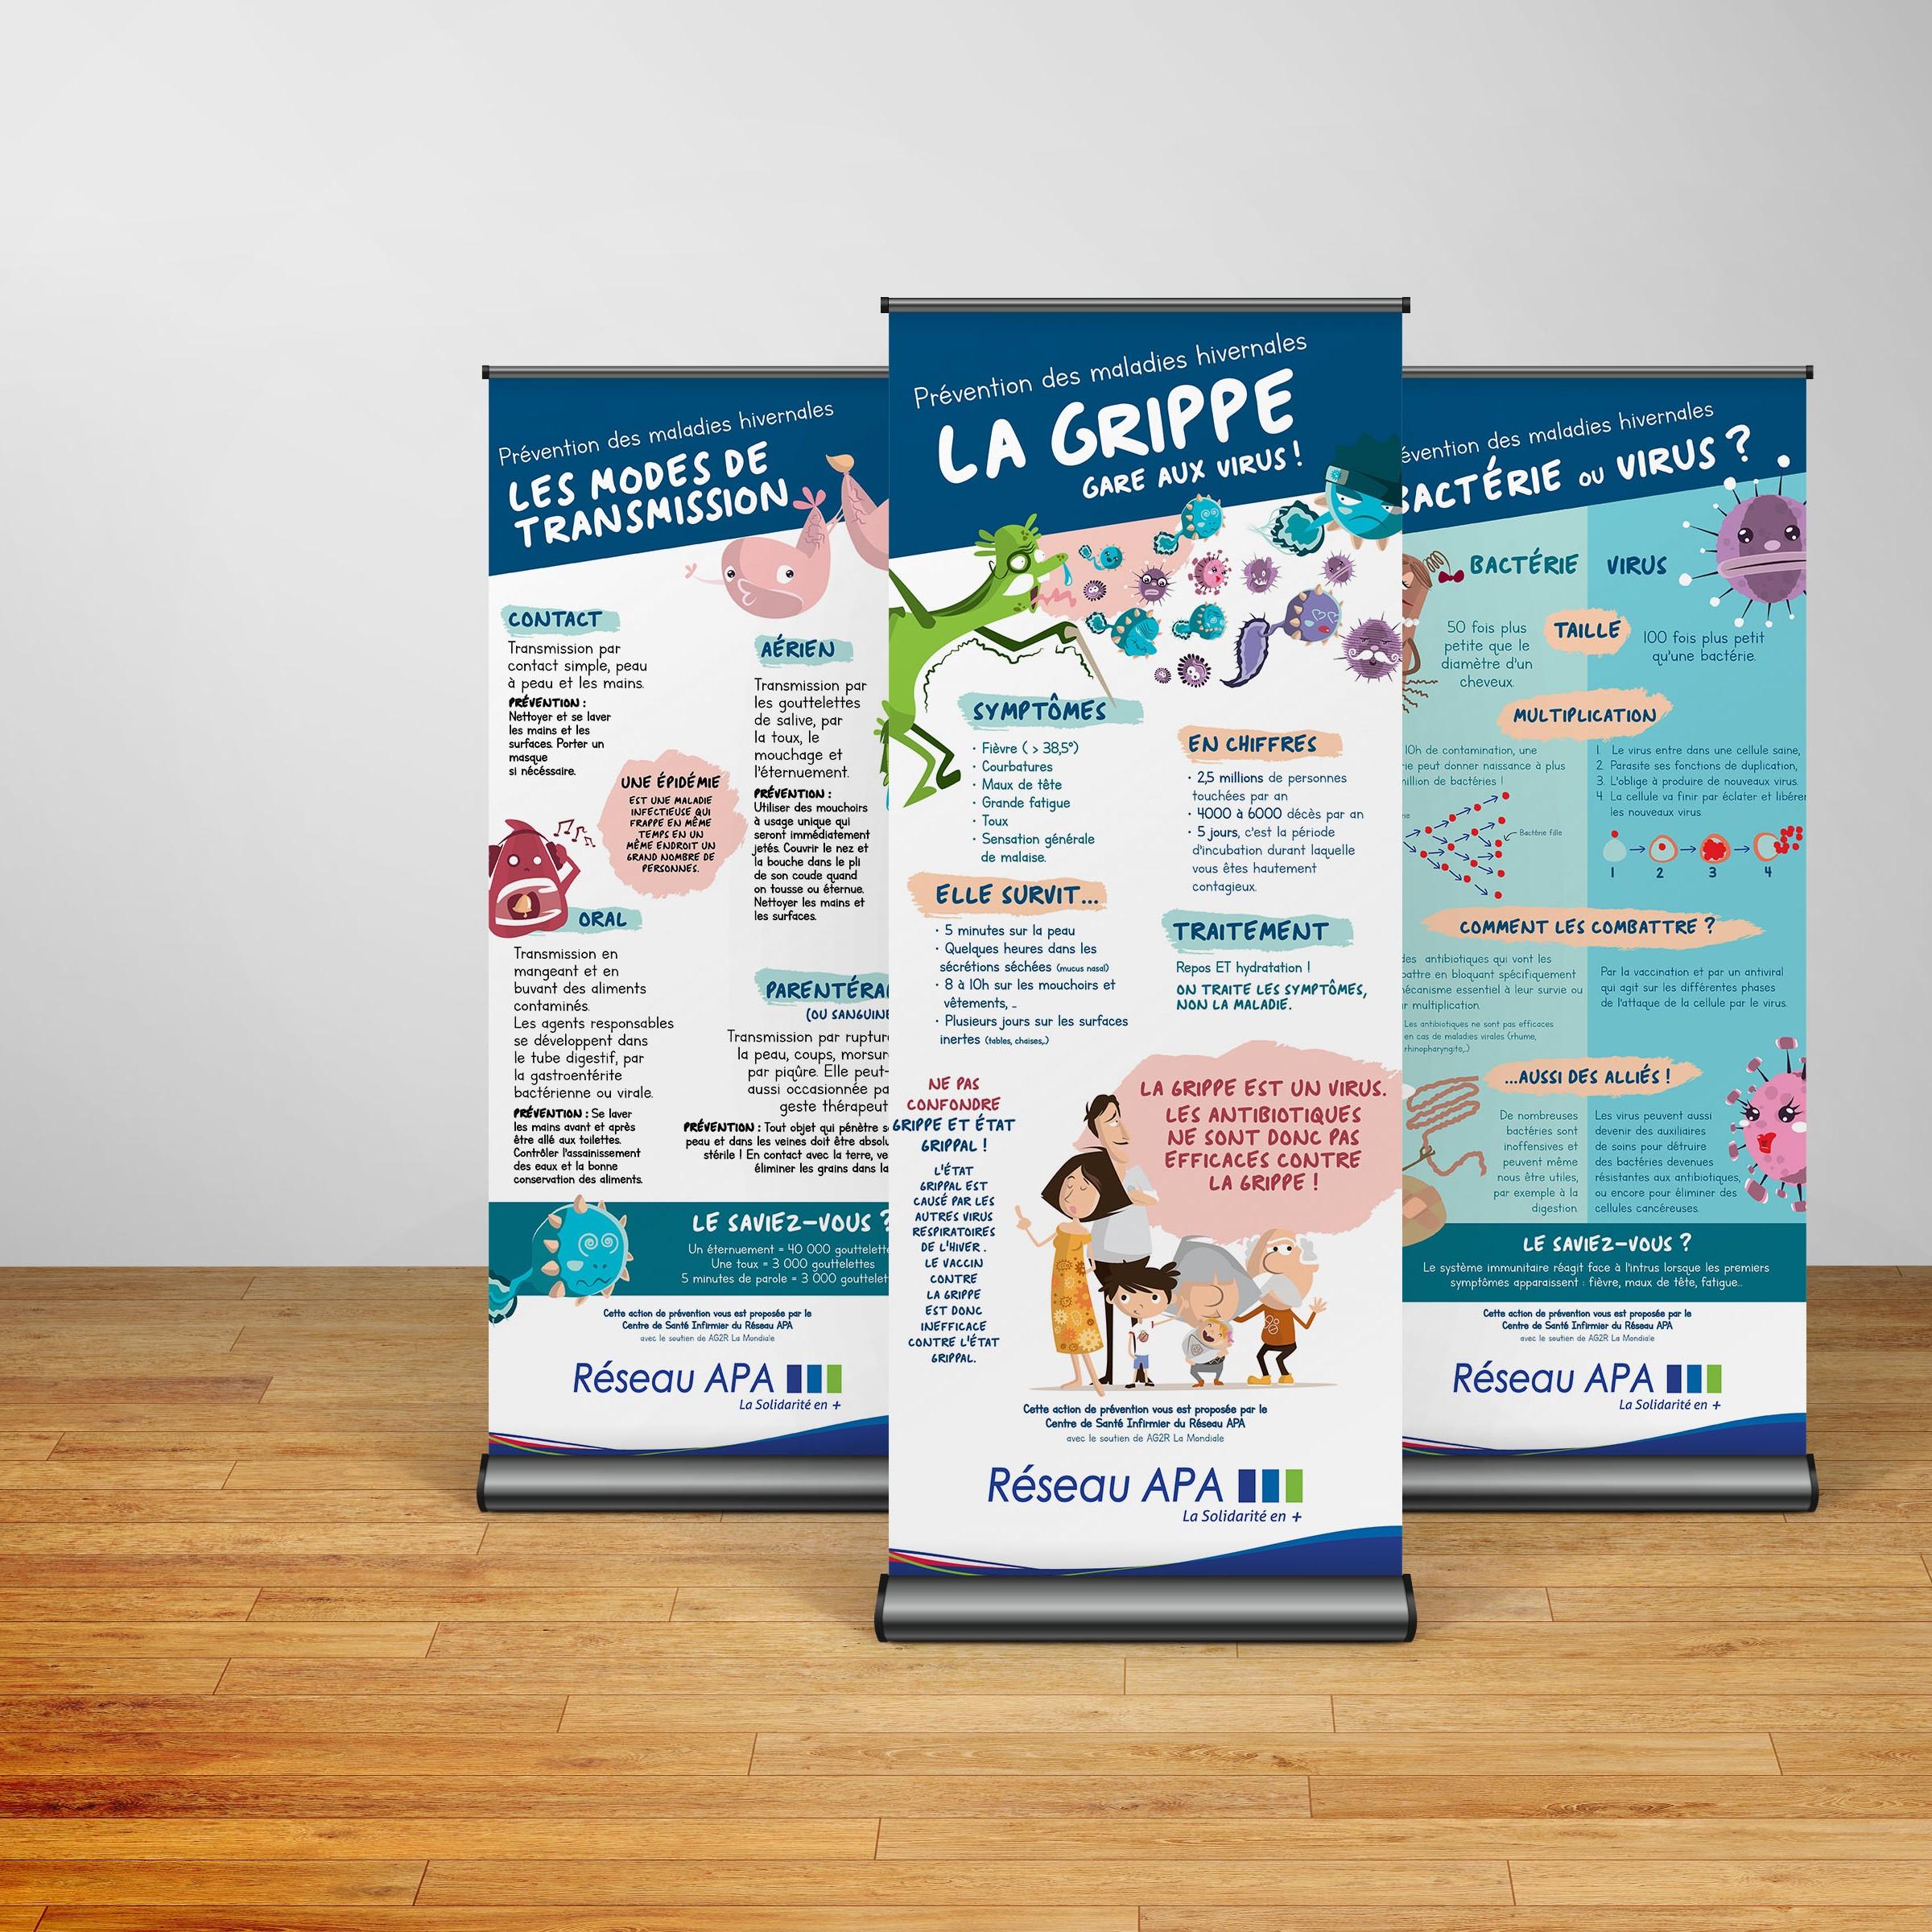 APAMAD • Roll-Up message de prévention contre les maladies saisonnières